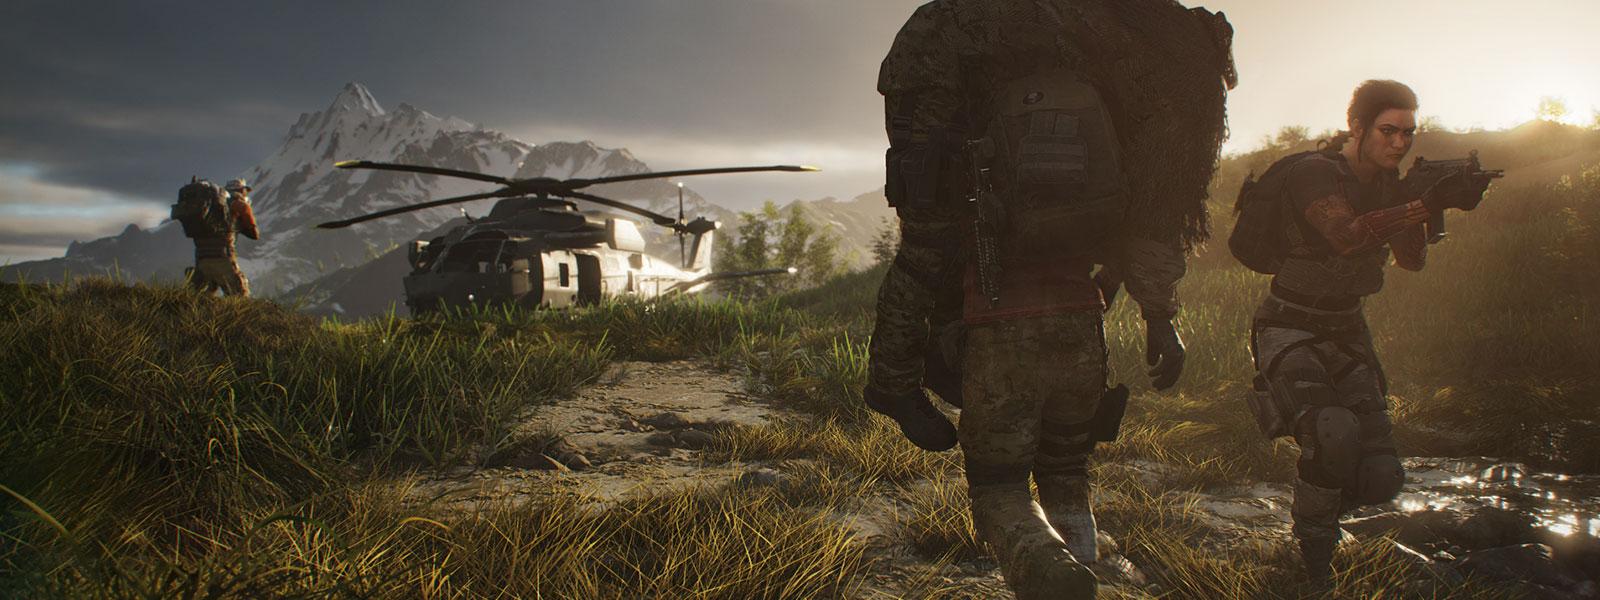 Charakter trägt eine andere Person auf den Schultern zu einem Hubschrauber, während zwei weitere Charaktere Wache stehen